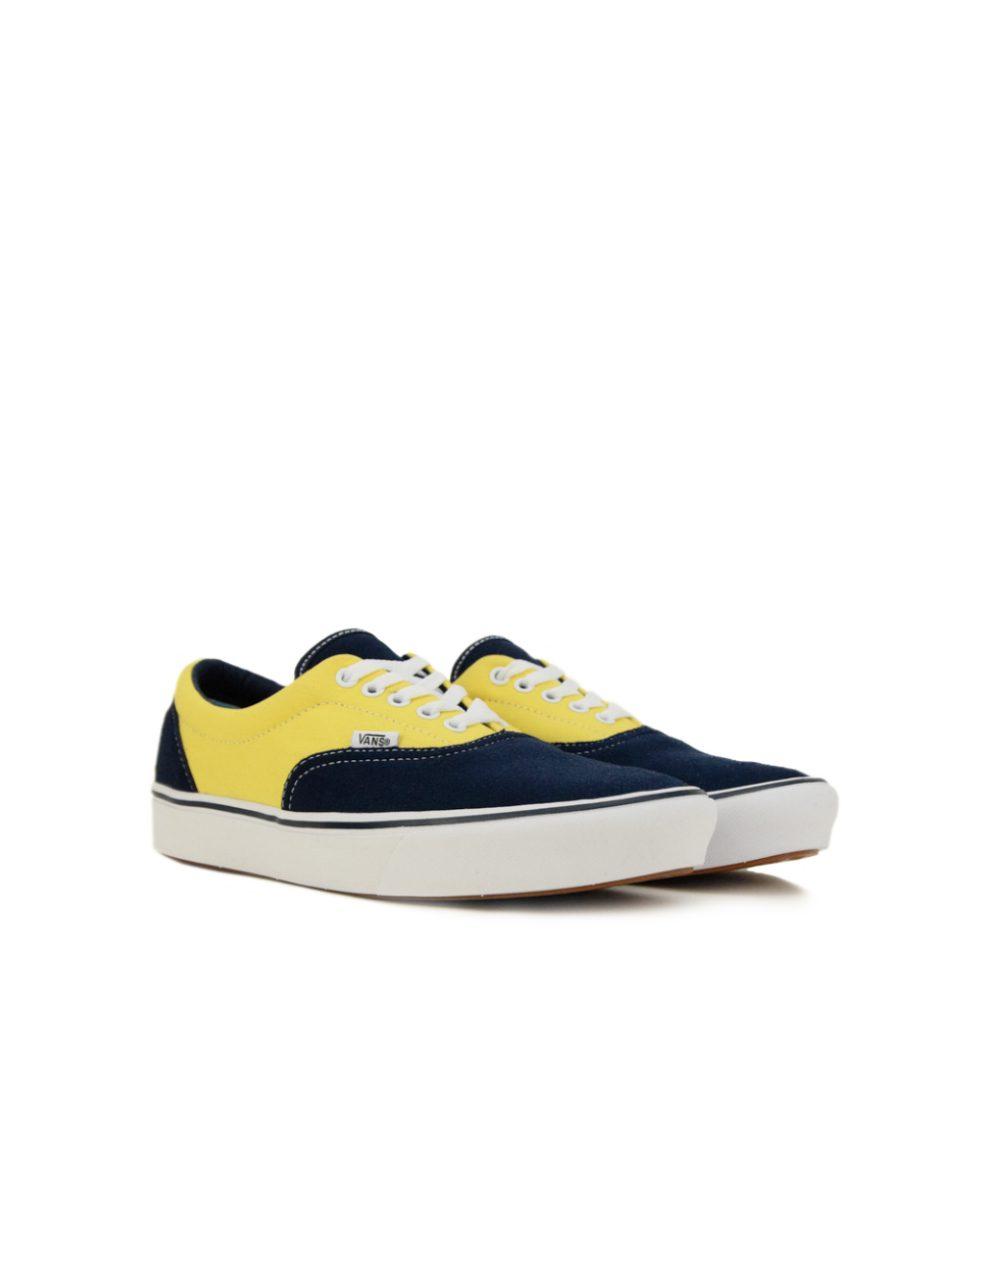 Vans Comfycush Era Suede/Canvas Dress Blue/Aspen Gold (VA3WM9VNO)